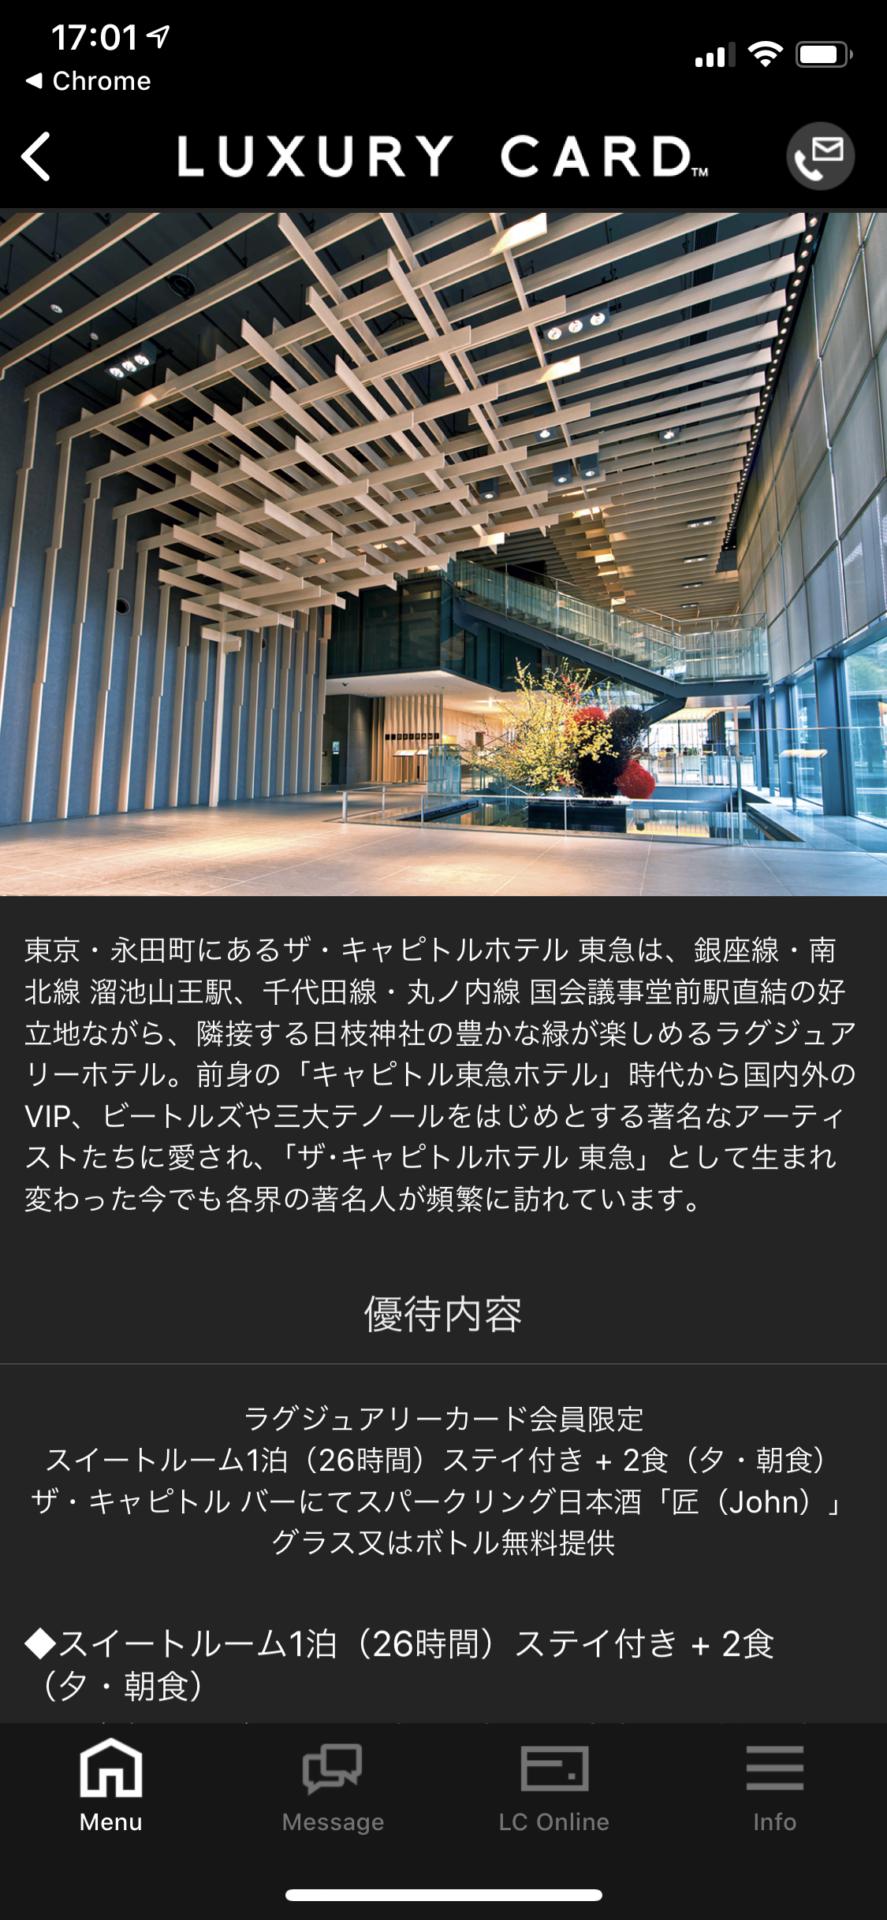 ラグジュアリーカードのザ・キャピトルホテル 東急 特別プラン (3)